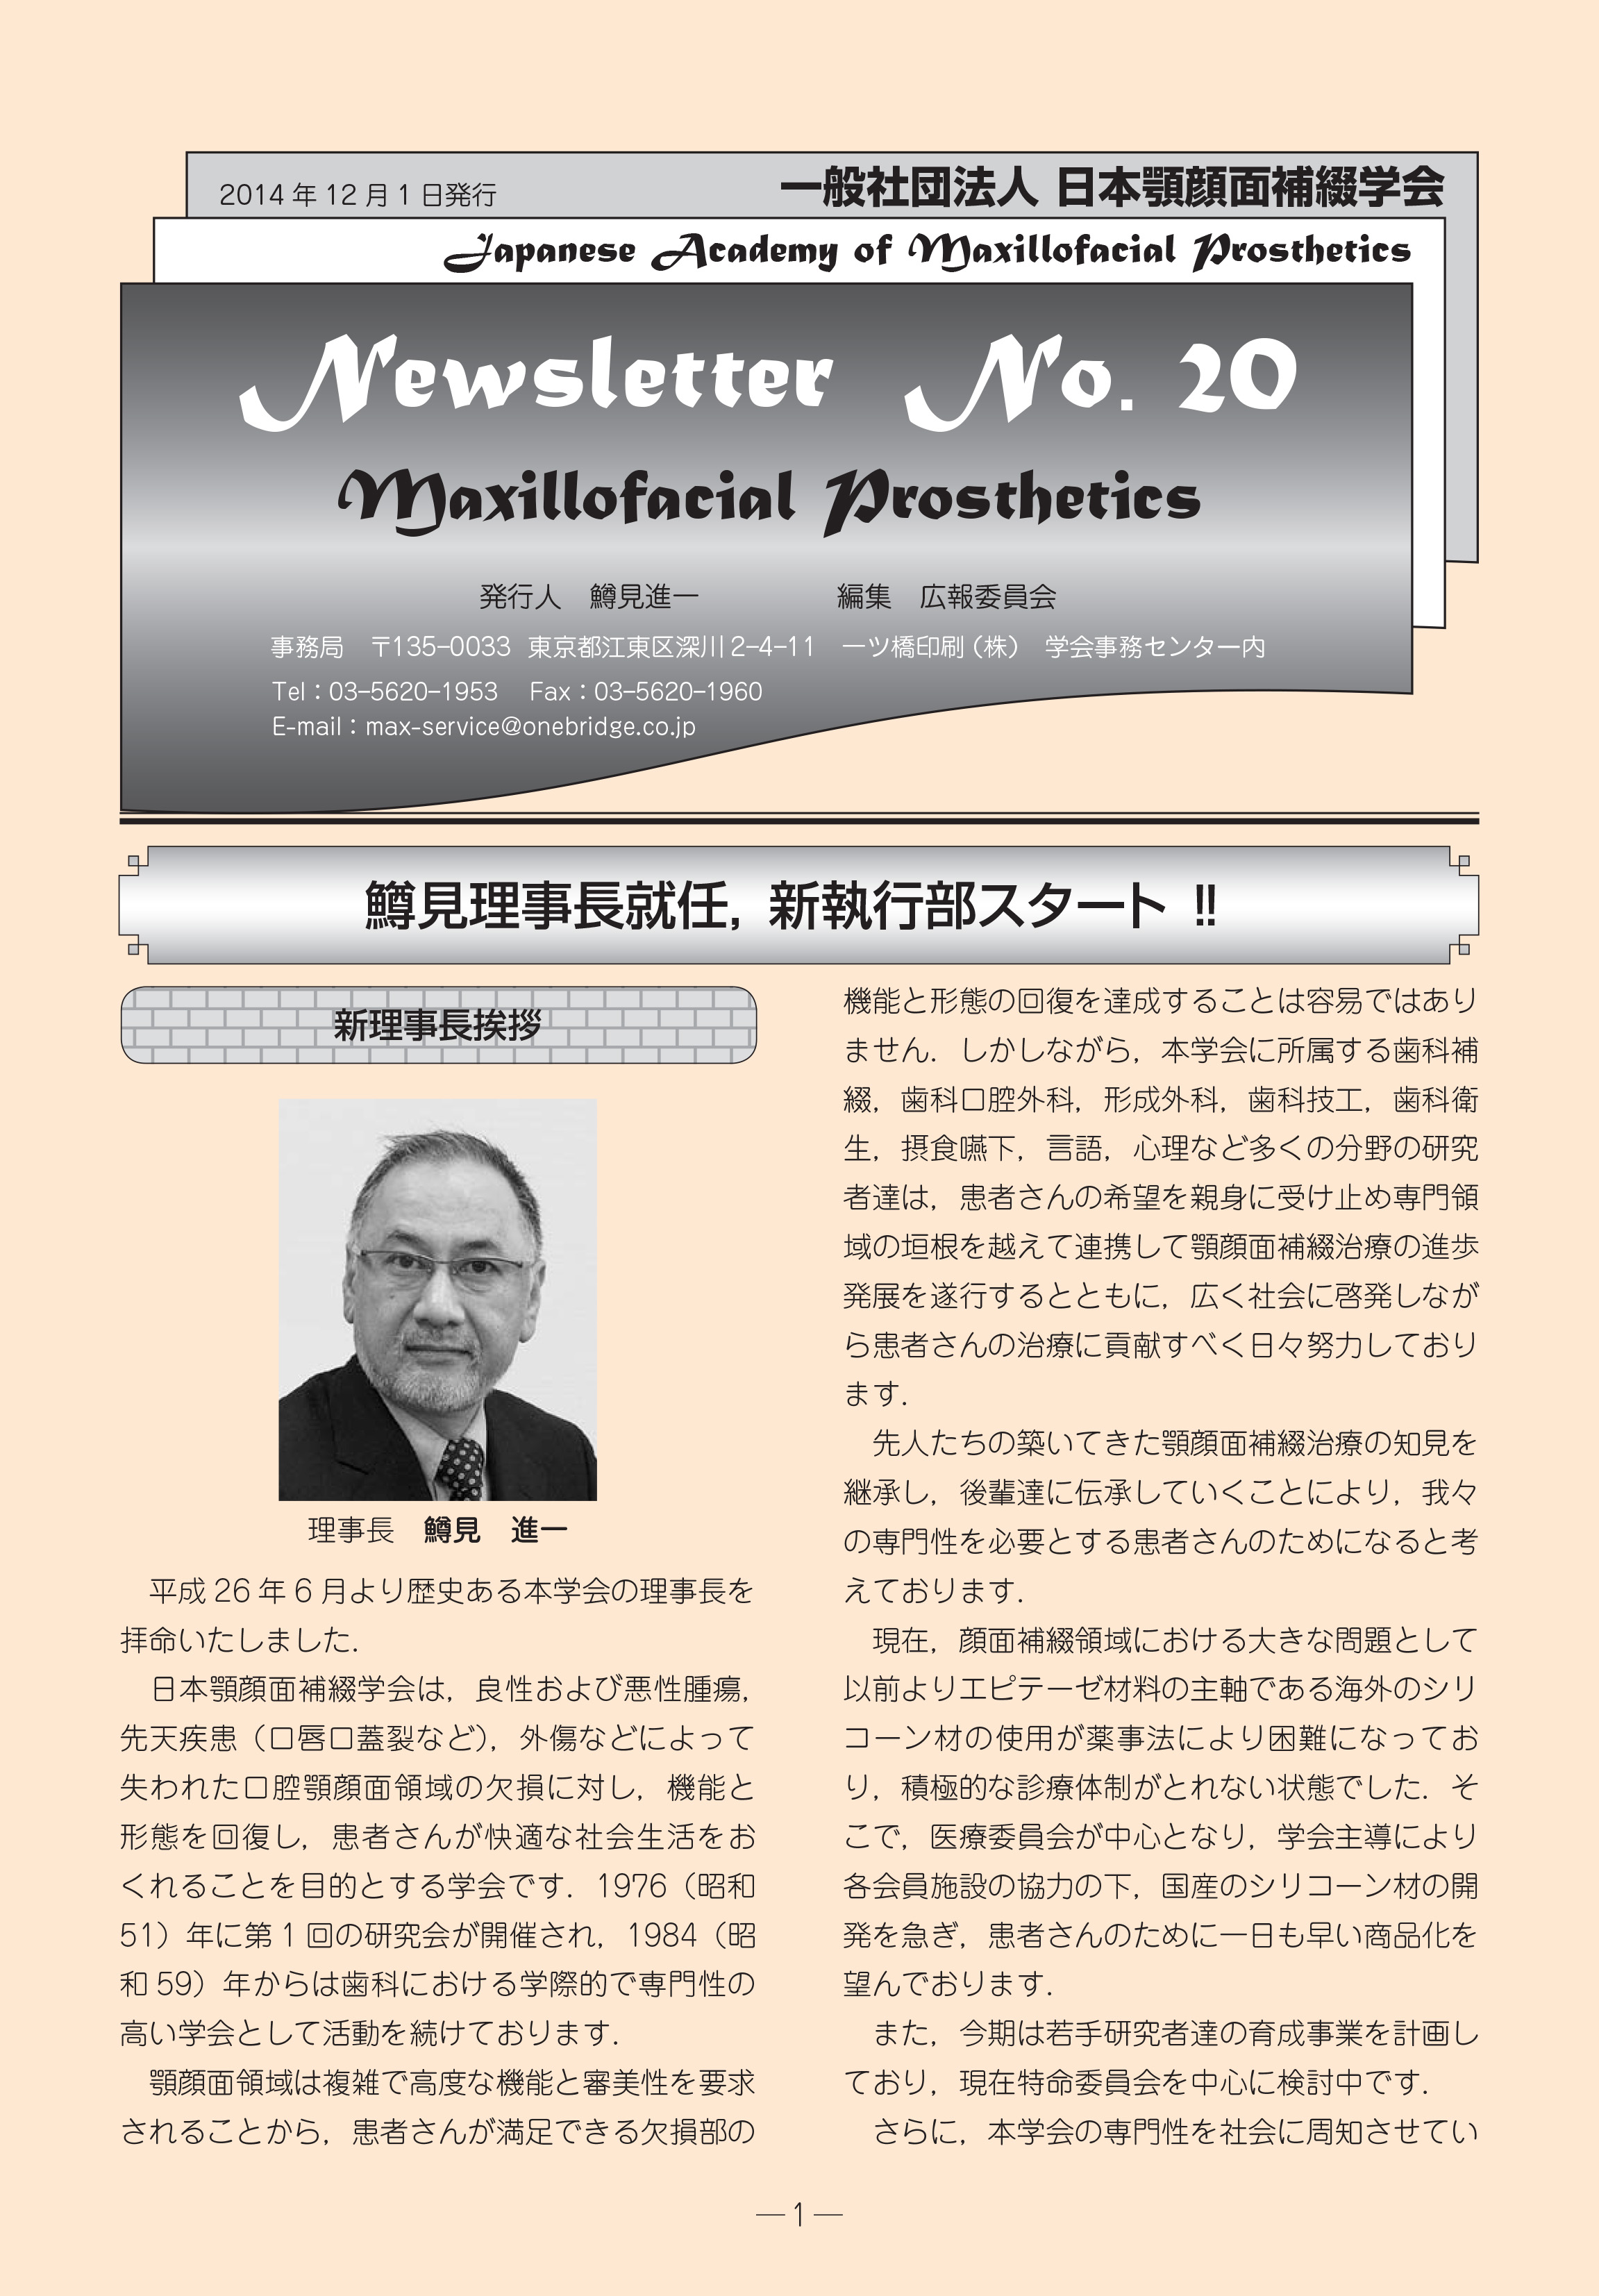 ニュースレター No.20